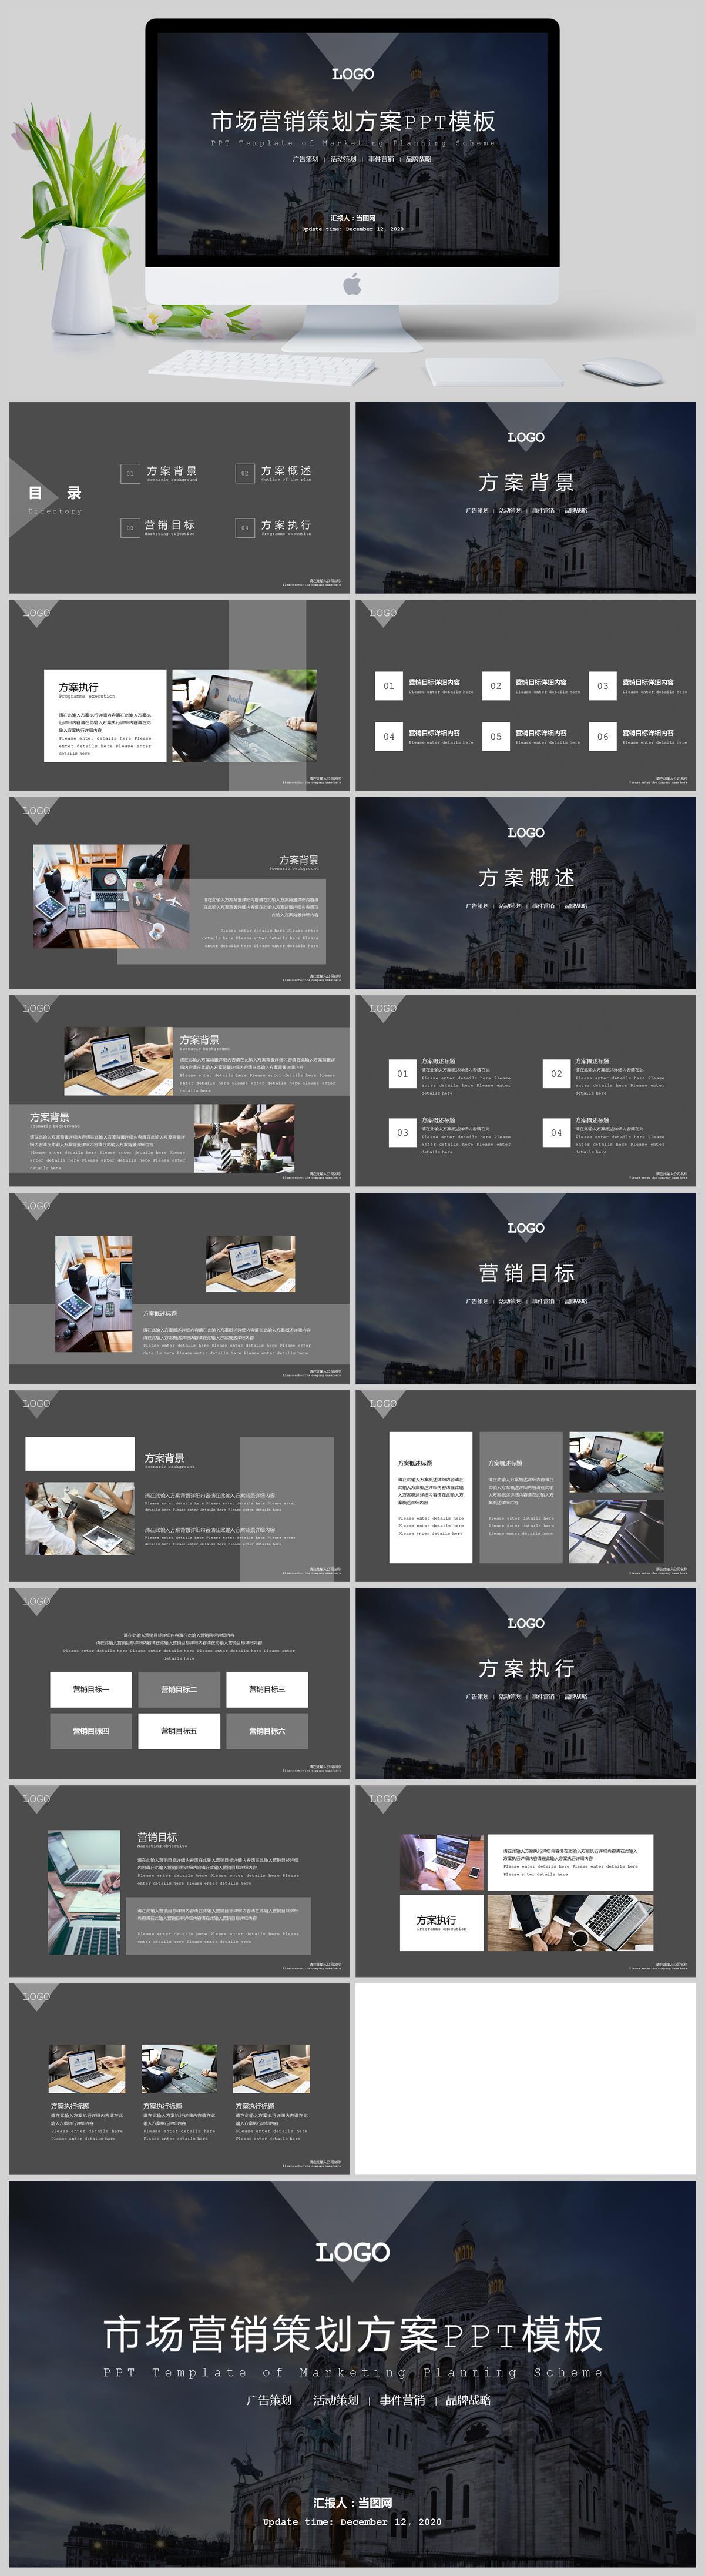 市场营销策划方案PPT亚博体育主页